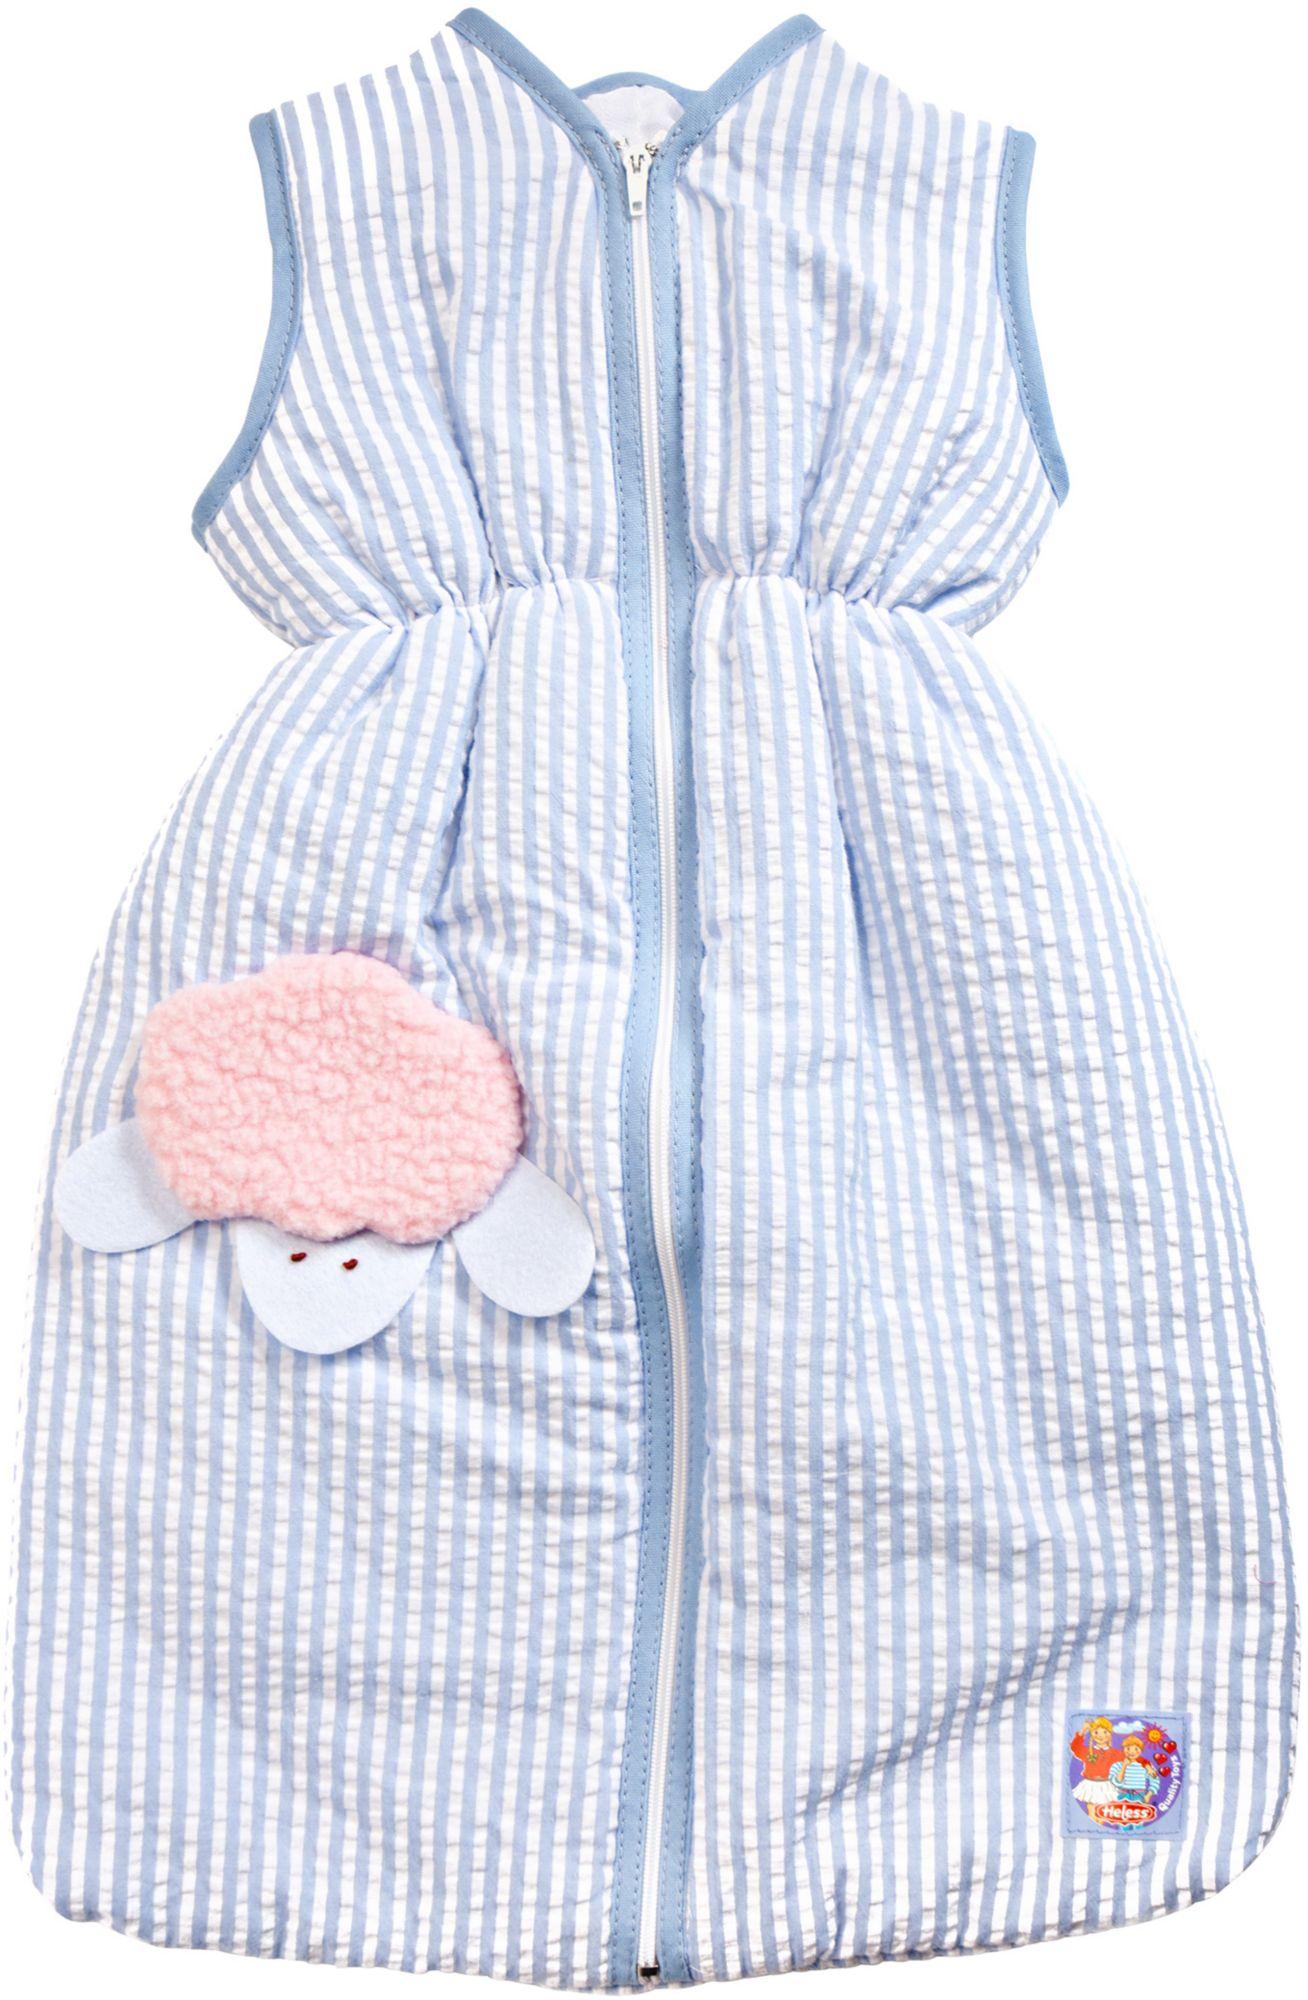 HELESS® Heless® Puppenzubehör, 37 cm, »Schlafsack blau«